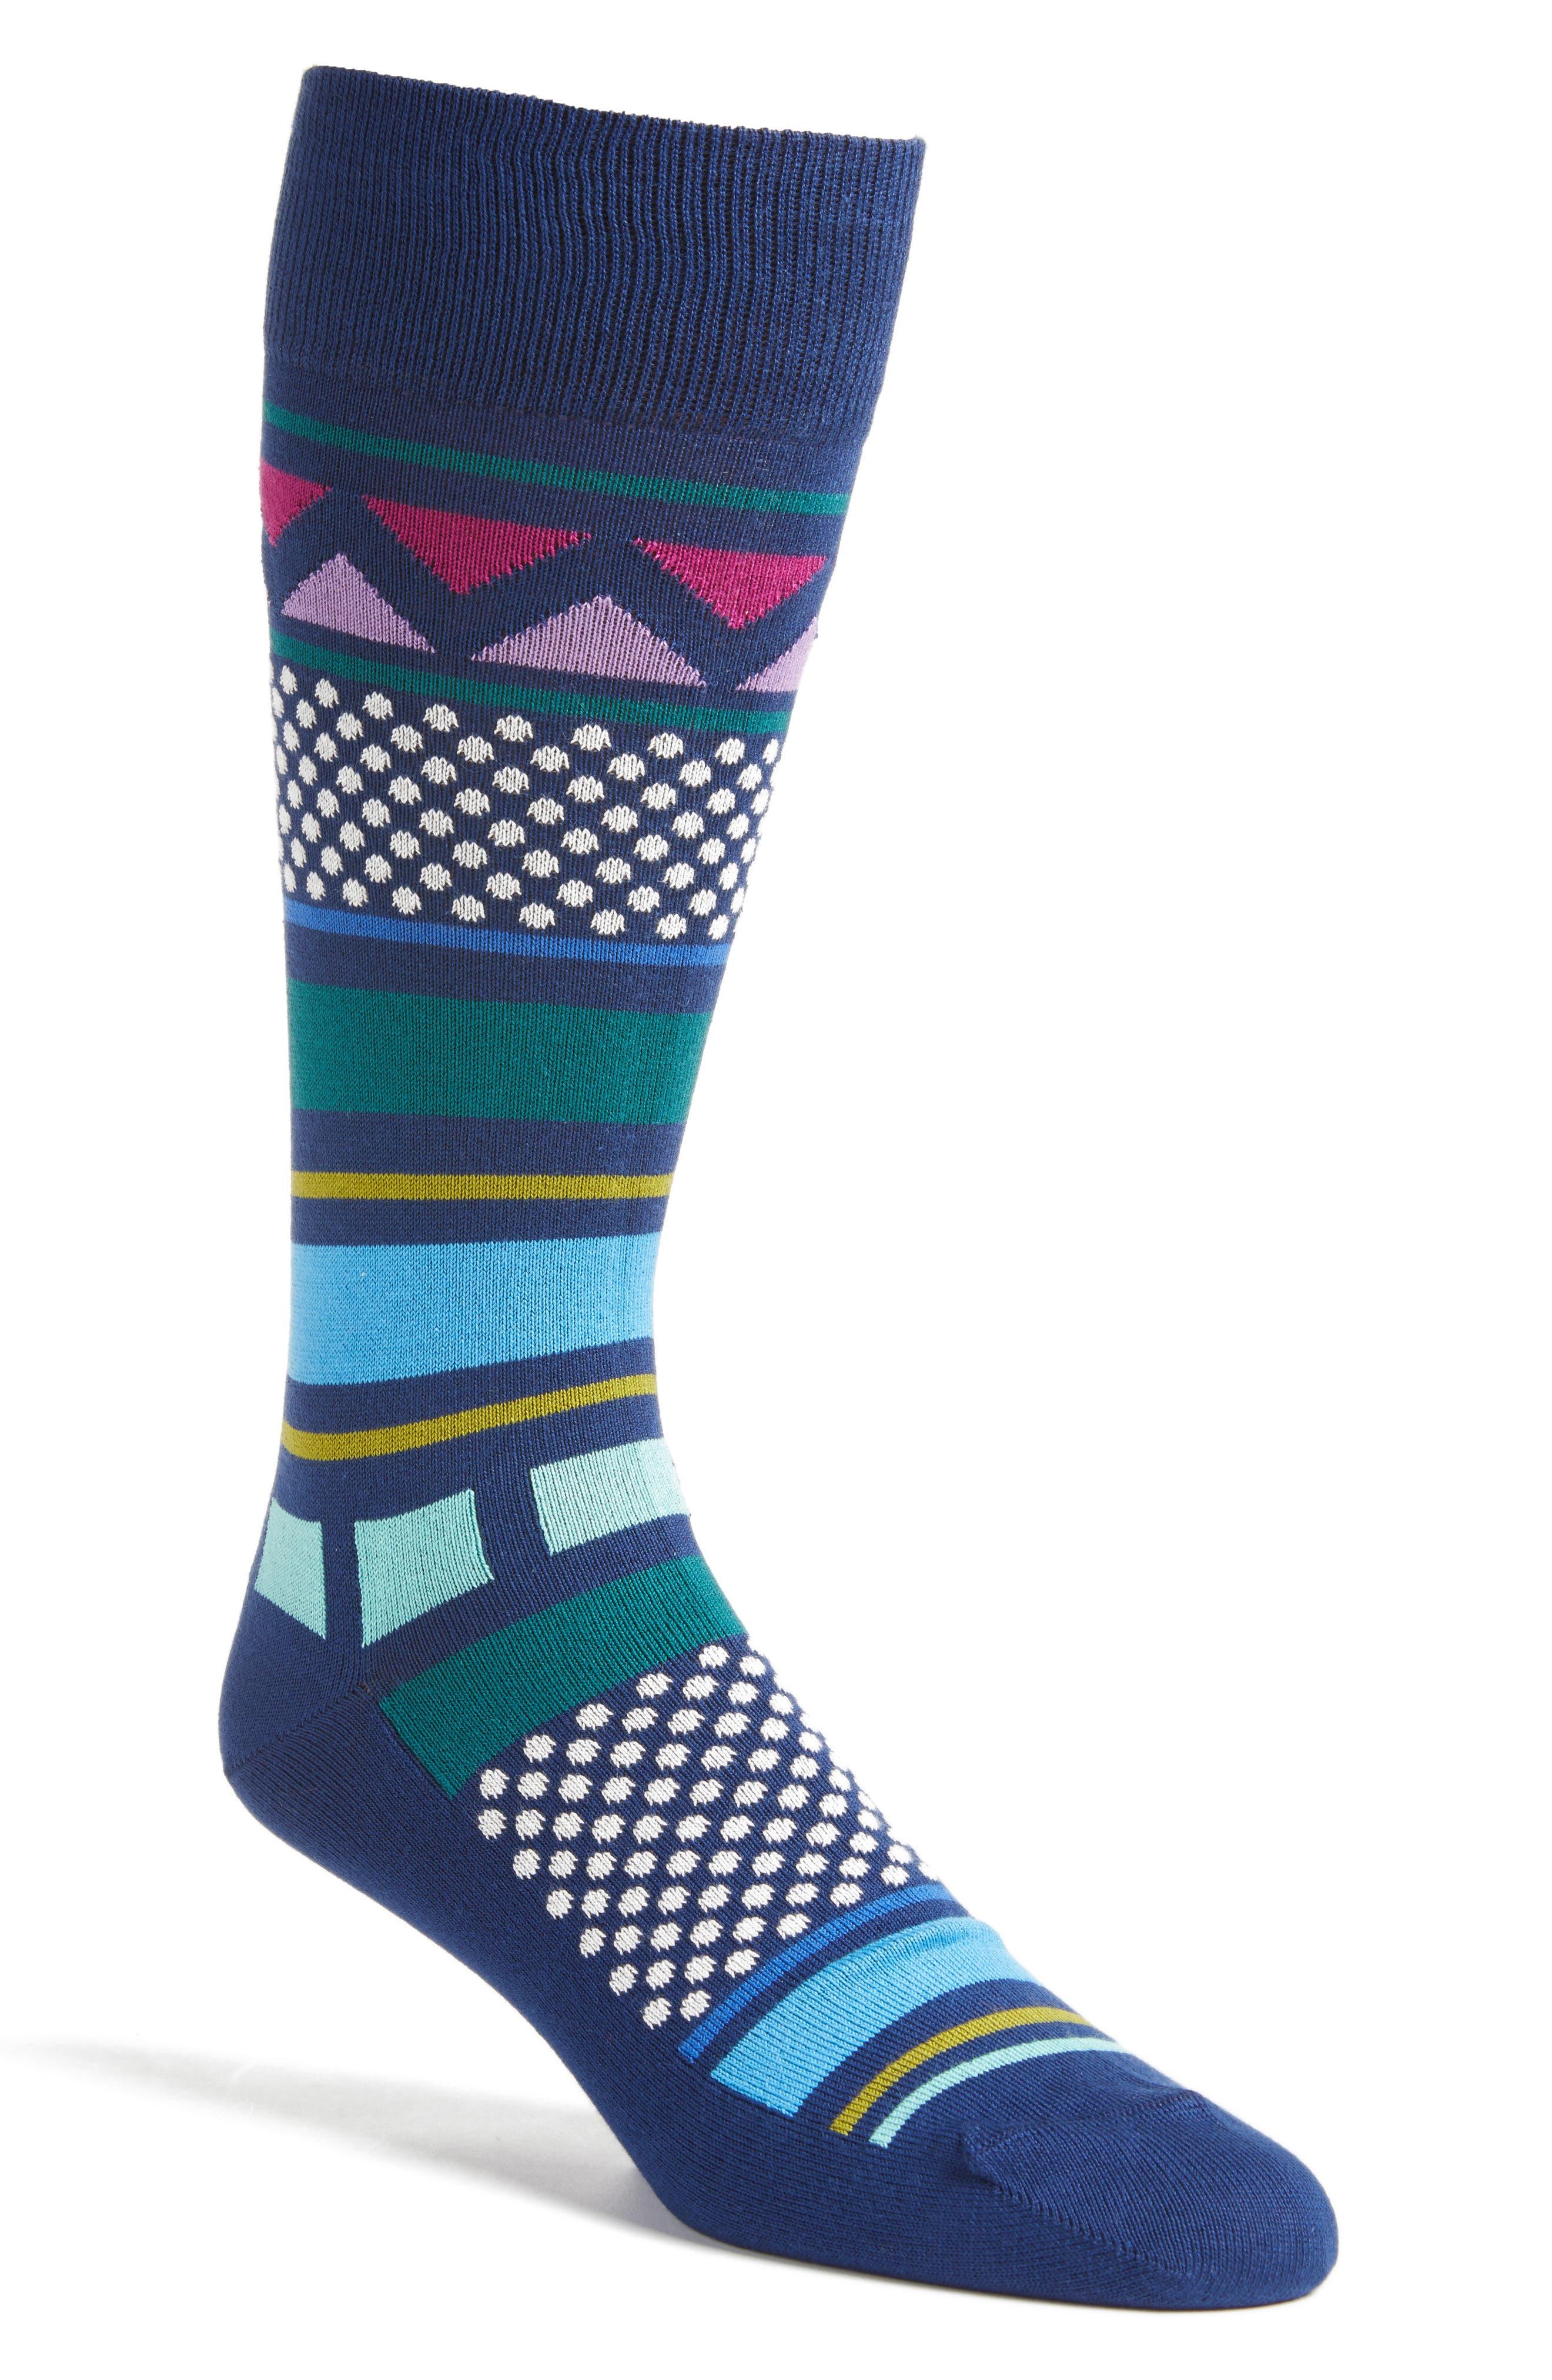 Main Image - Paul Smith KWA Crew Socks